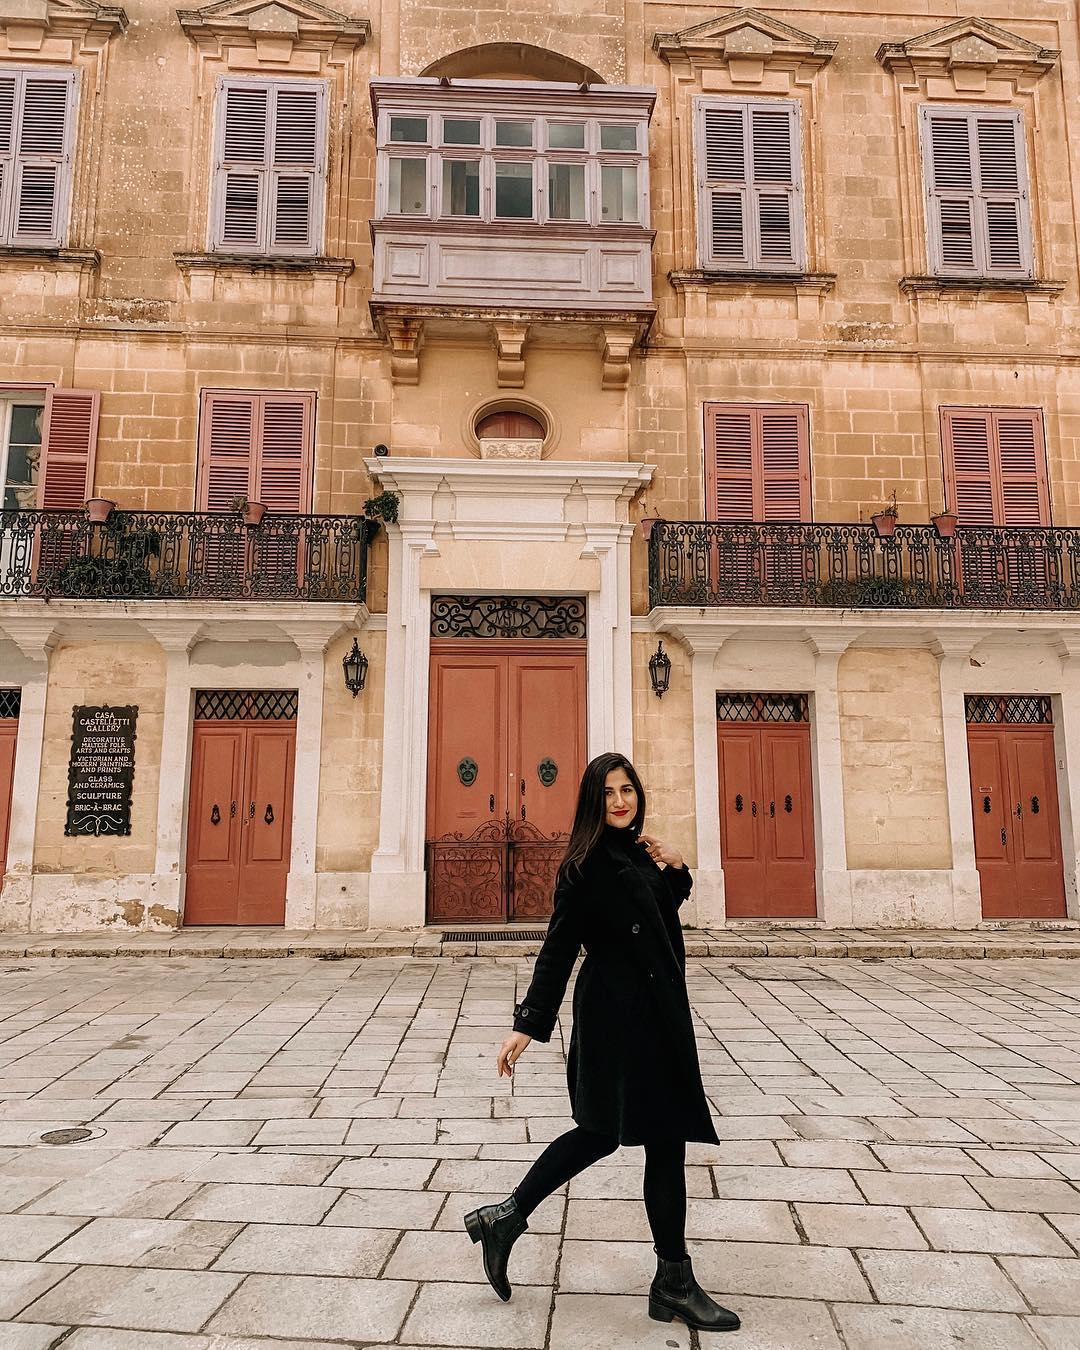 Comprar en Malta